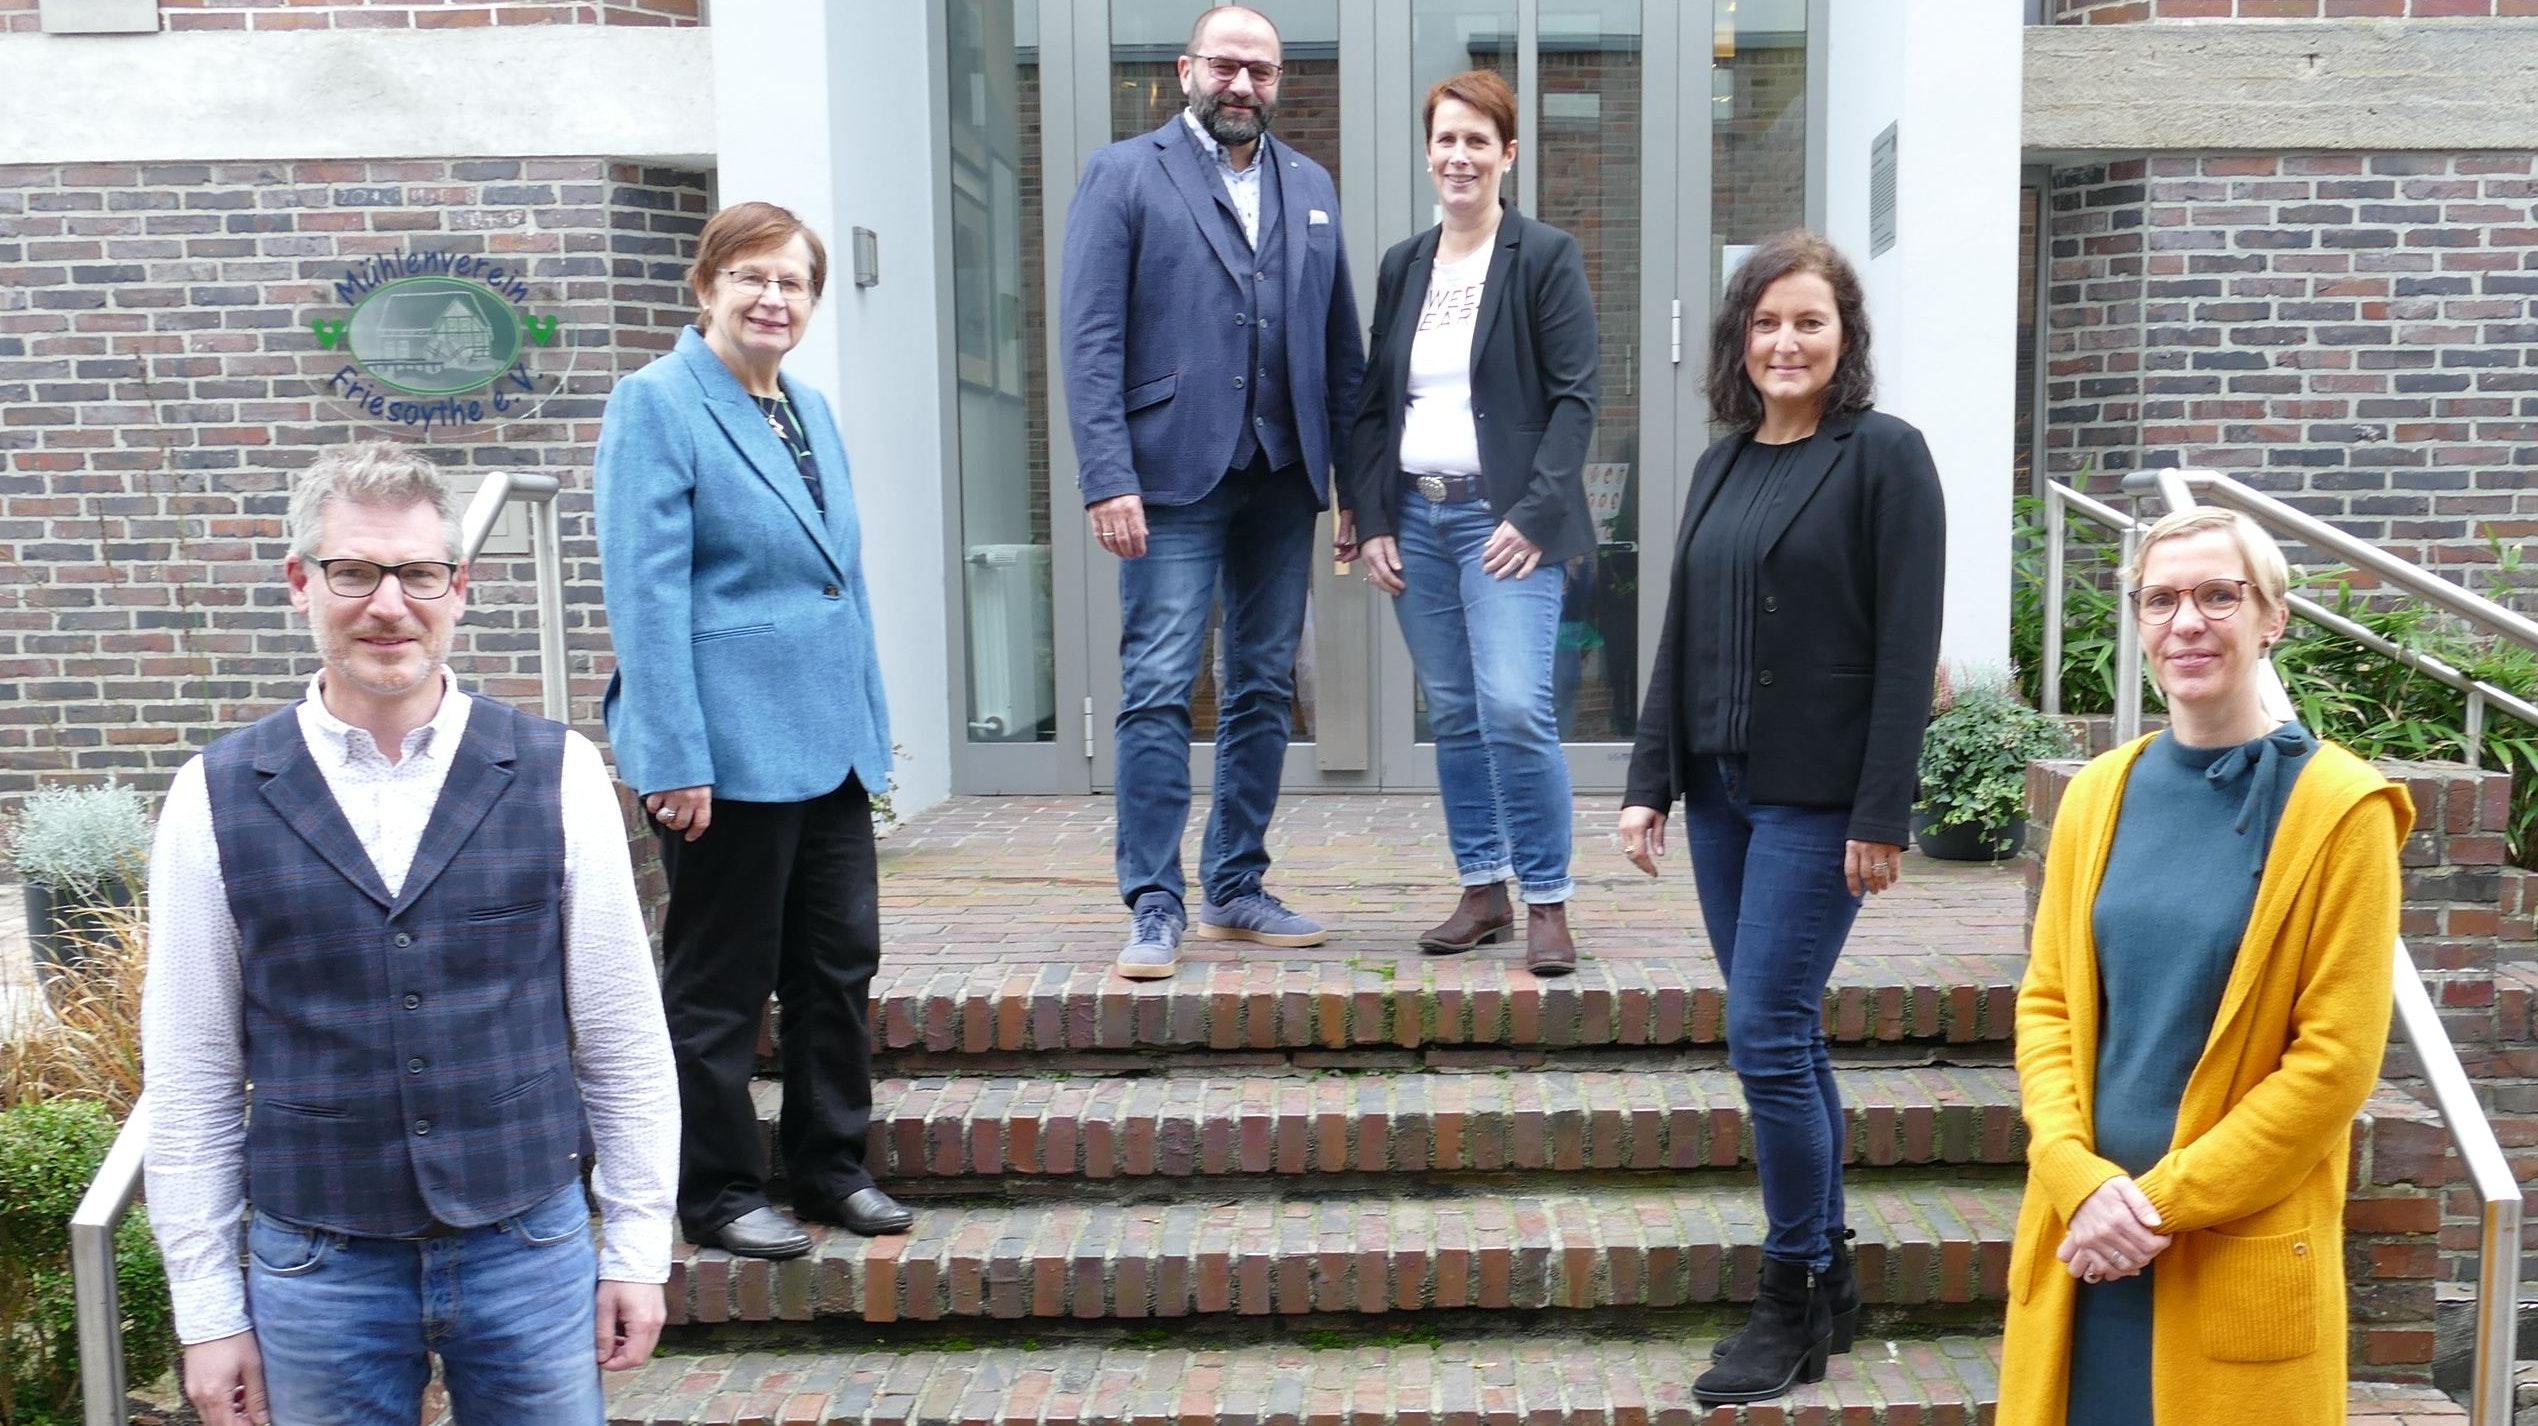 Tritt wieder an: Sven Stratmann (3. von links) gab gemeinsam mit seiner Ehefrau Sandra (4. von links) sowie (von links) Roland Winkler, Renate Geuter, Pia van de Lageweg und Melanie Buhr seine Entscheidung bekannt. Foto: Stix